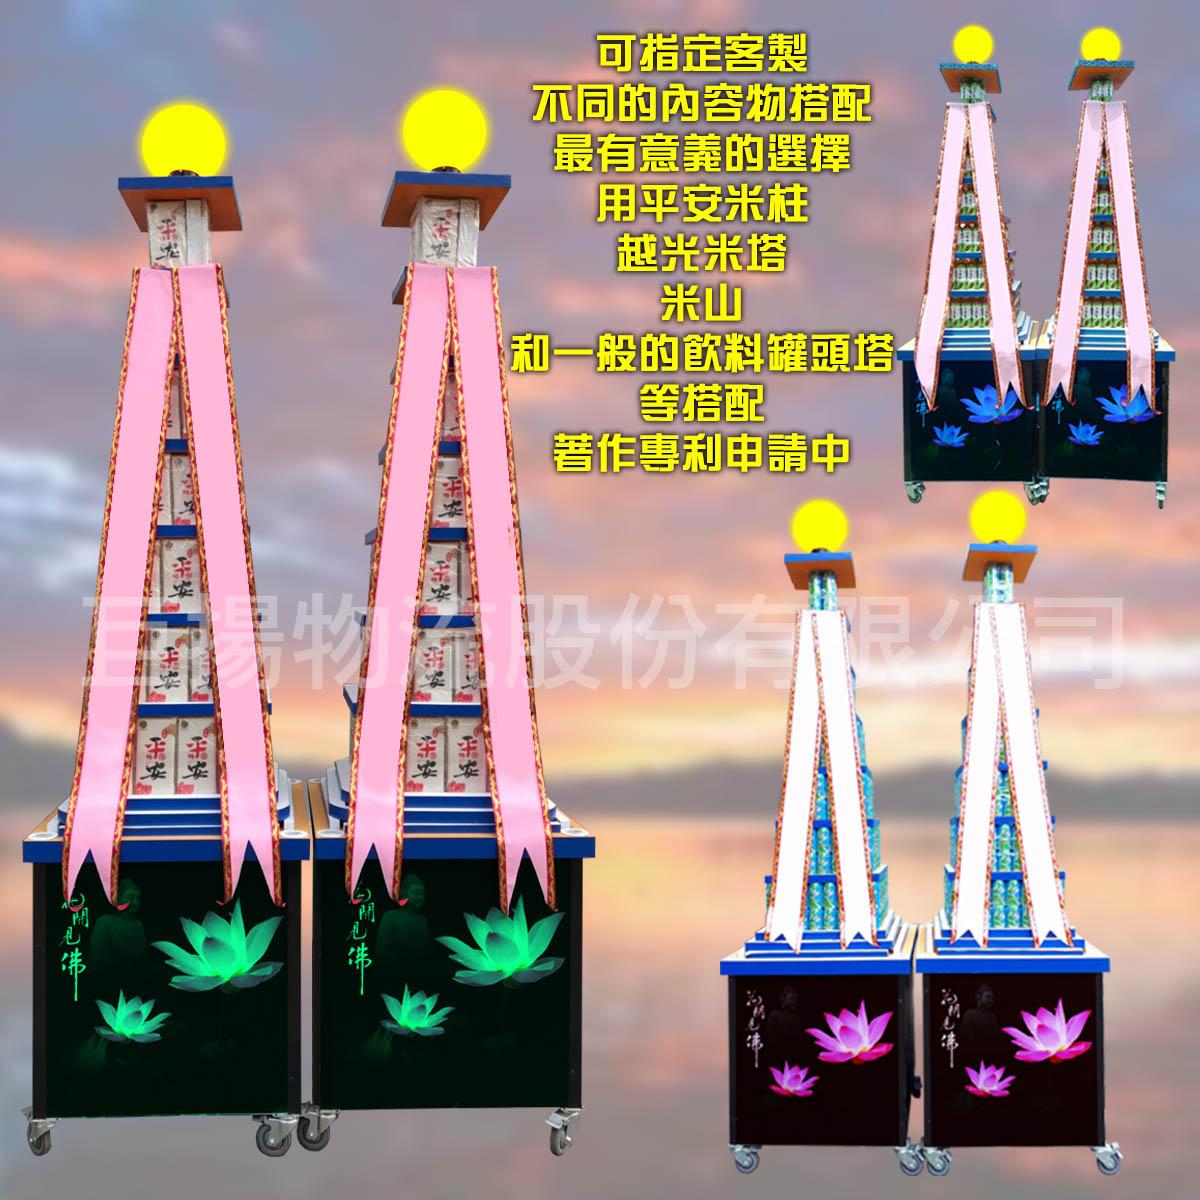 九層一般飲料燈光罐頭塔蓮花led燈光柱3